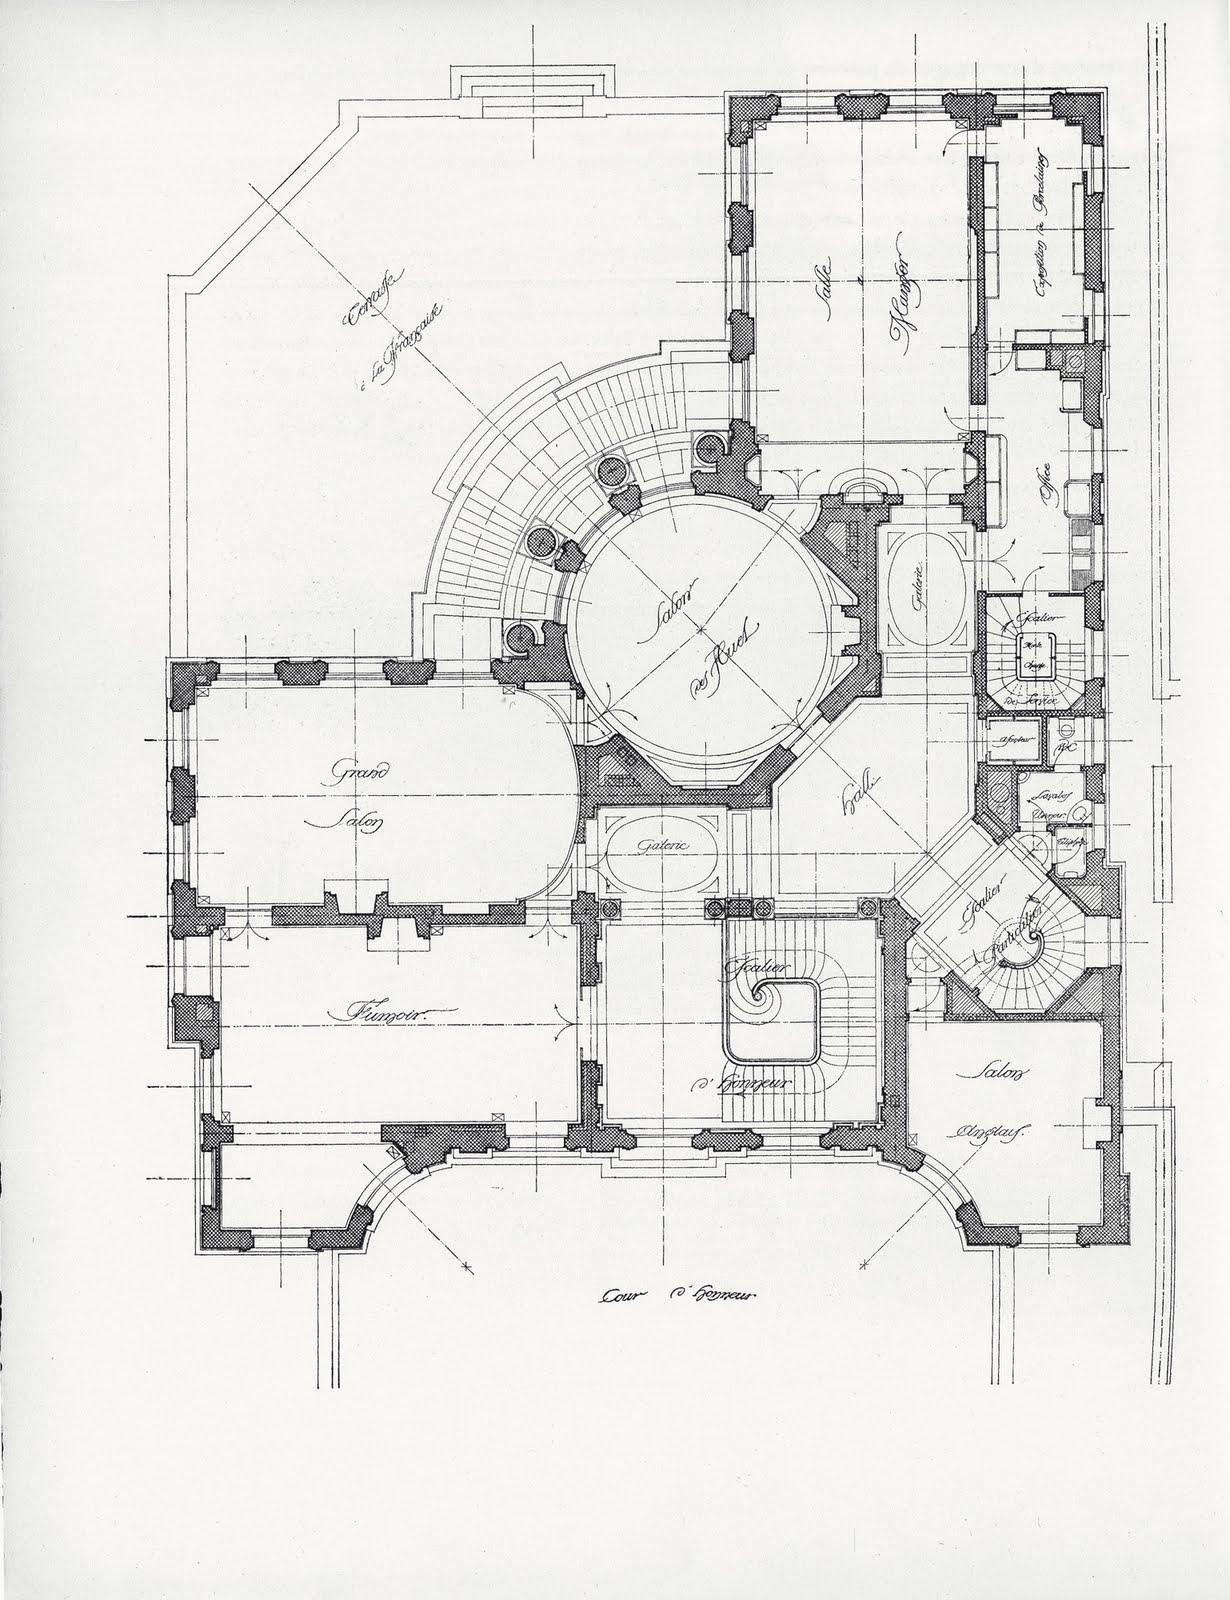 Mansion Floor Plans: Hôtel Camondo, 63, rue de Monceau